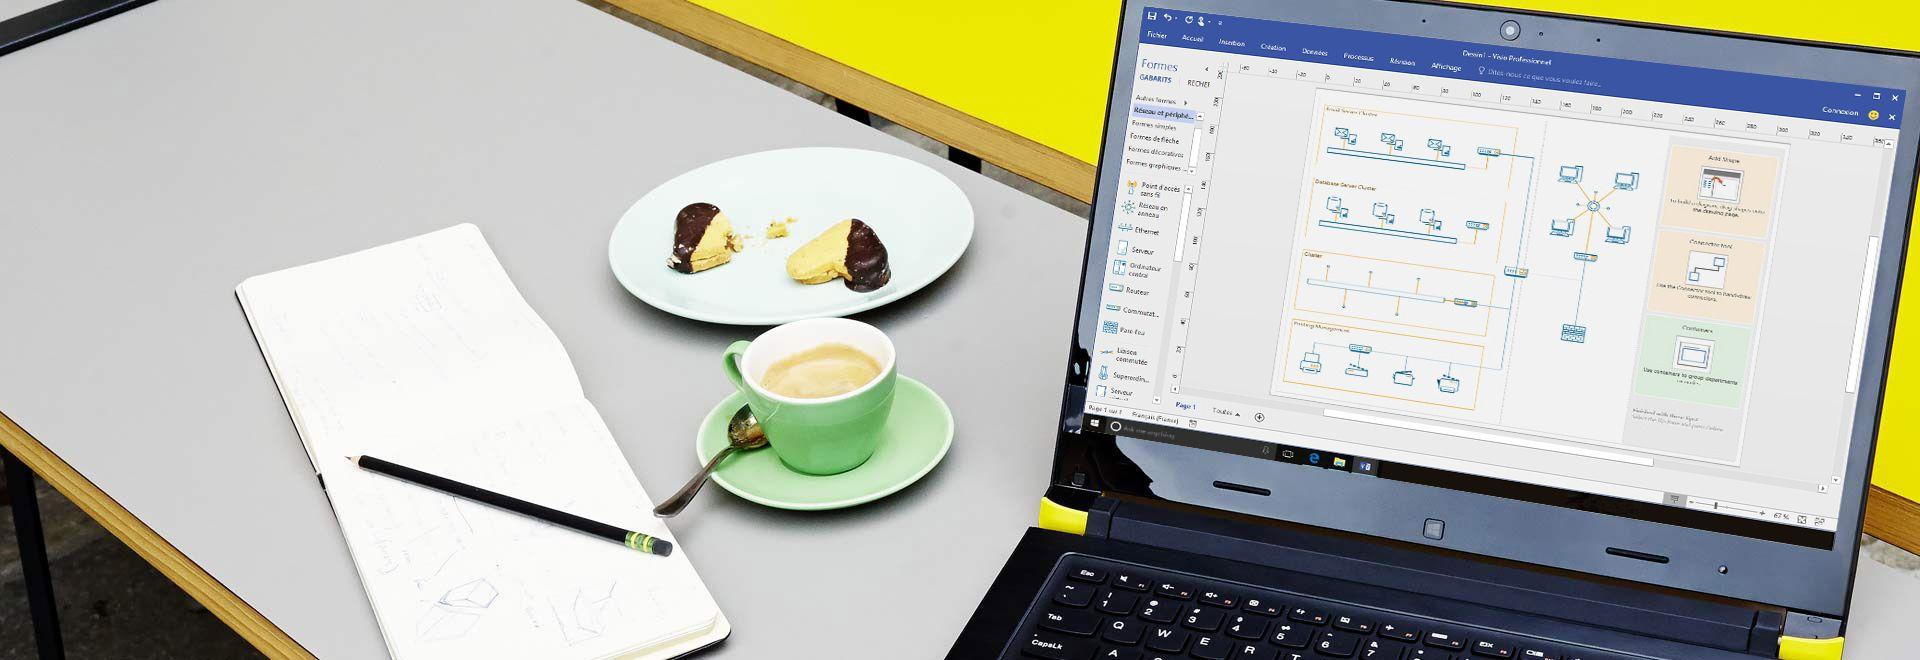 Gros plan d'un ordinateur portable posé sur une table, affichant un diagramme Visio avec un ruban et un volet d'édition